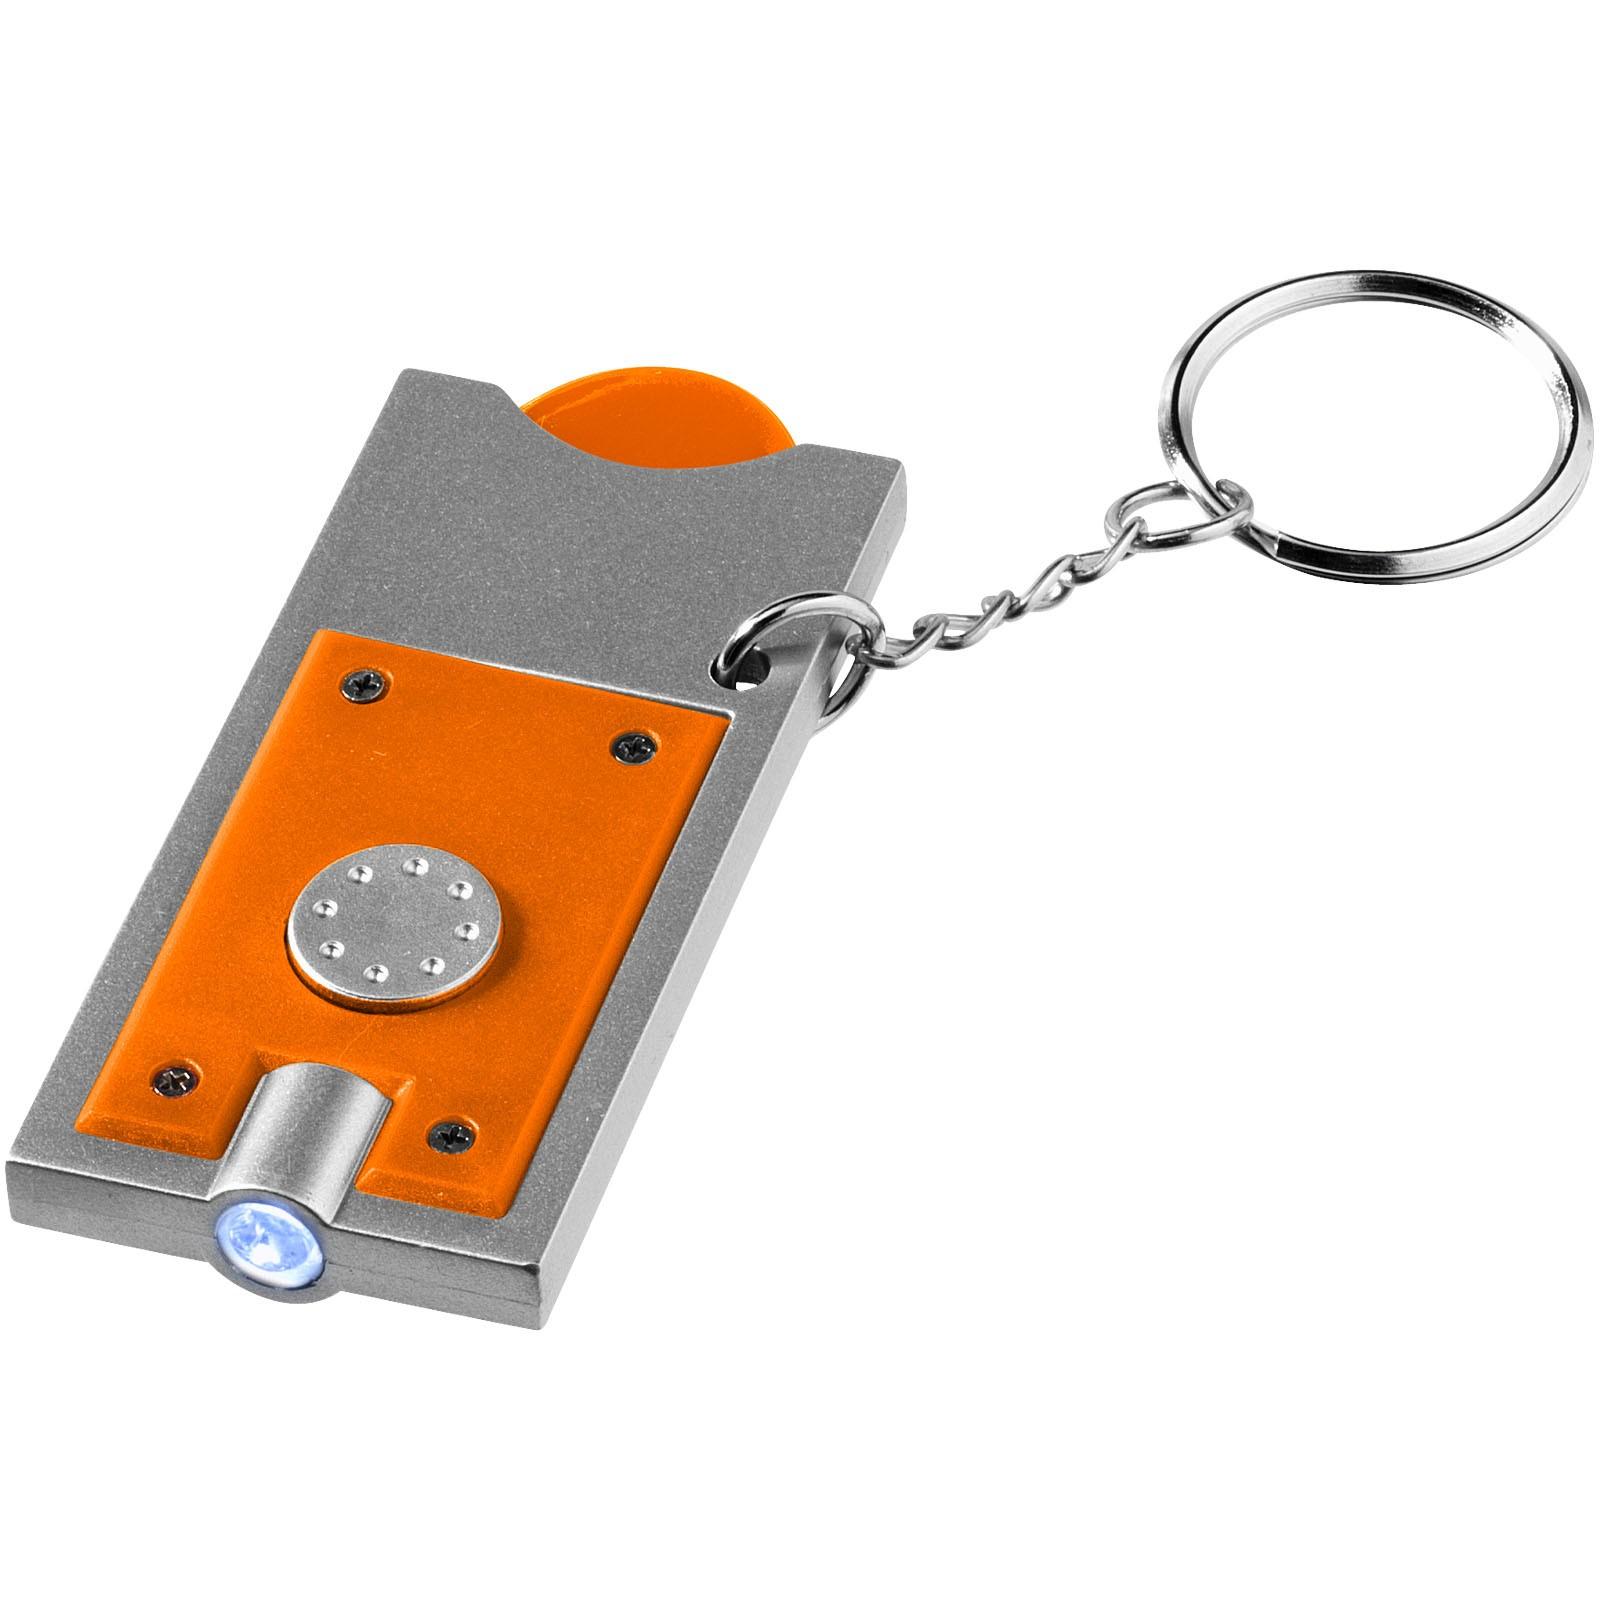 Klíčenkový držák na žeton Allegro s LED svítilnou - 0ranžová / Stříbrný